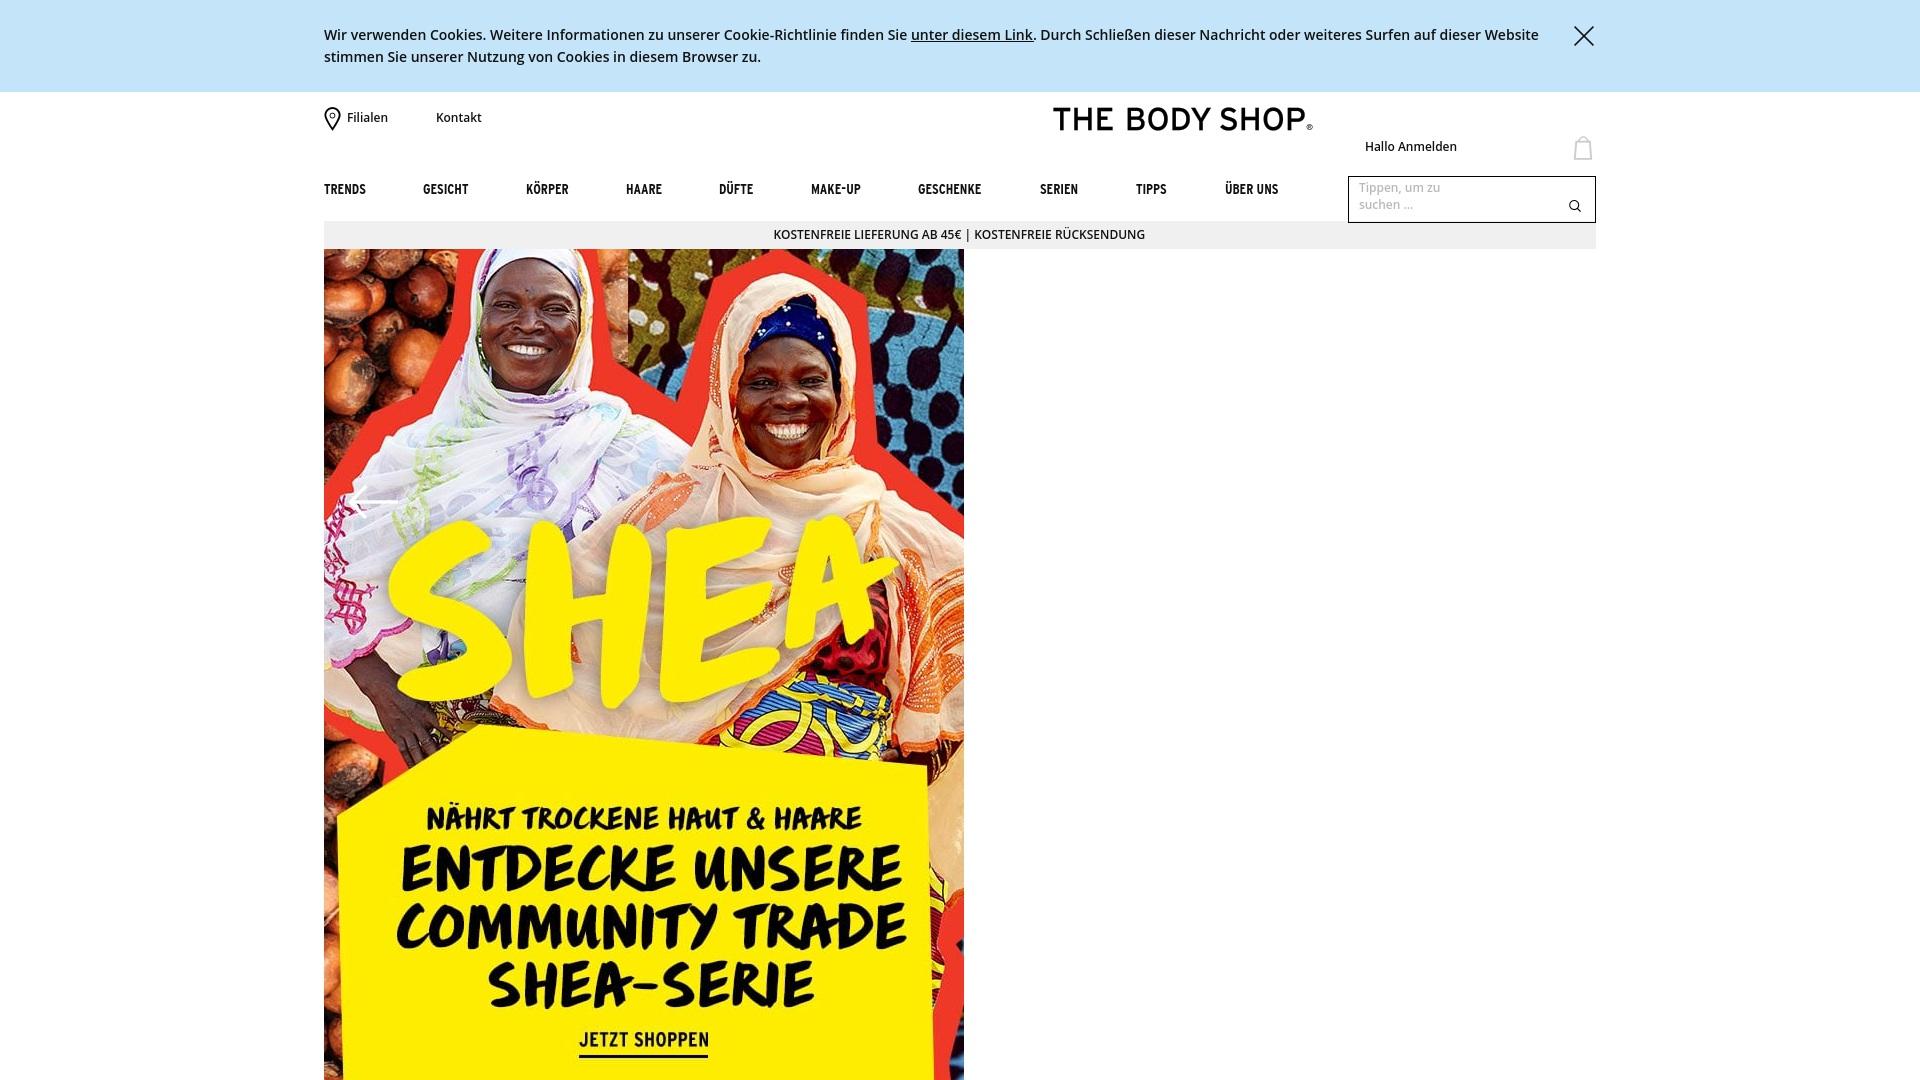 Gutschein für Thebodyshop: Rabatte für  Thebodyshop sichern